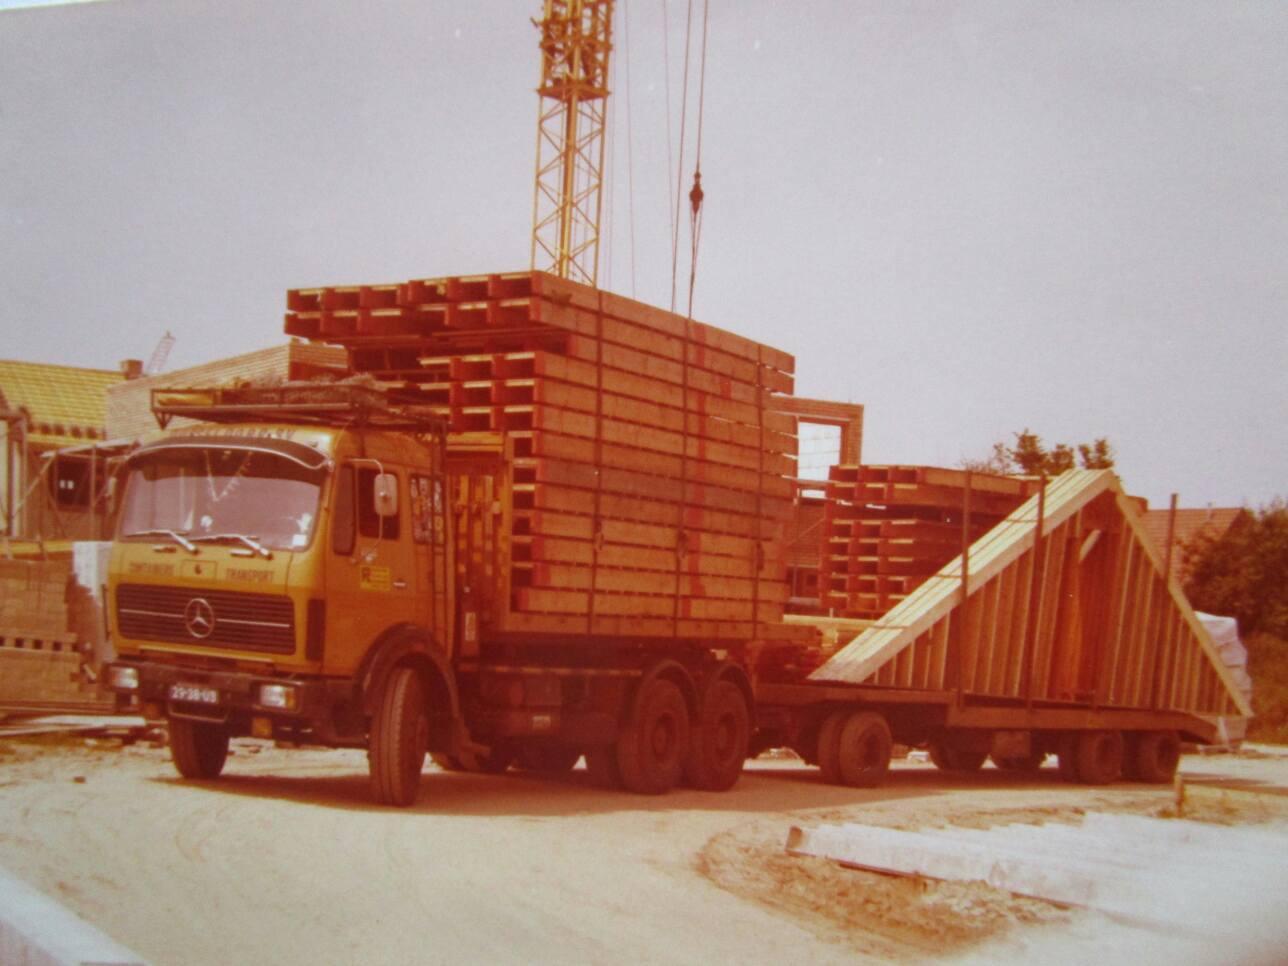 Gerrit-Vreeman-chauffeur--MB-2232-nieuw-gekregen-in-de-jaren-70